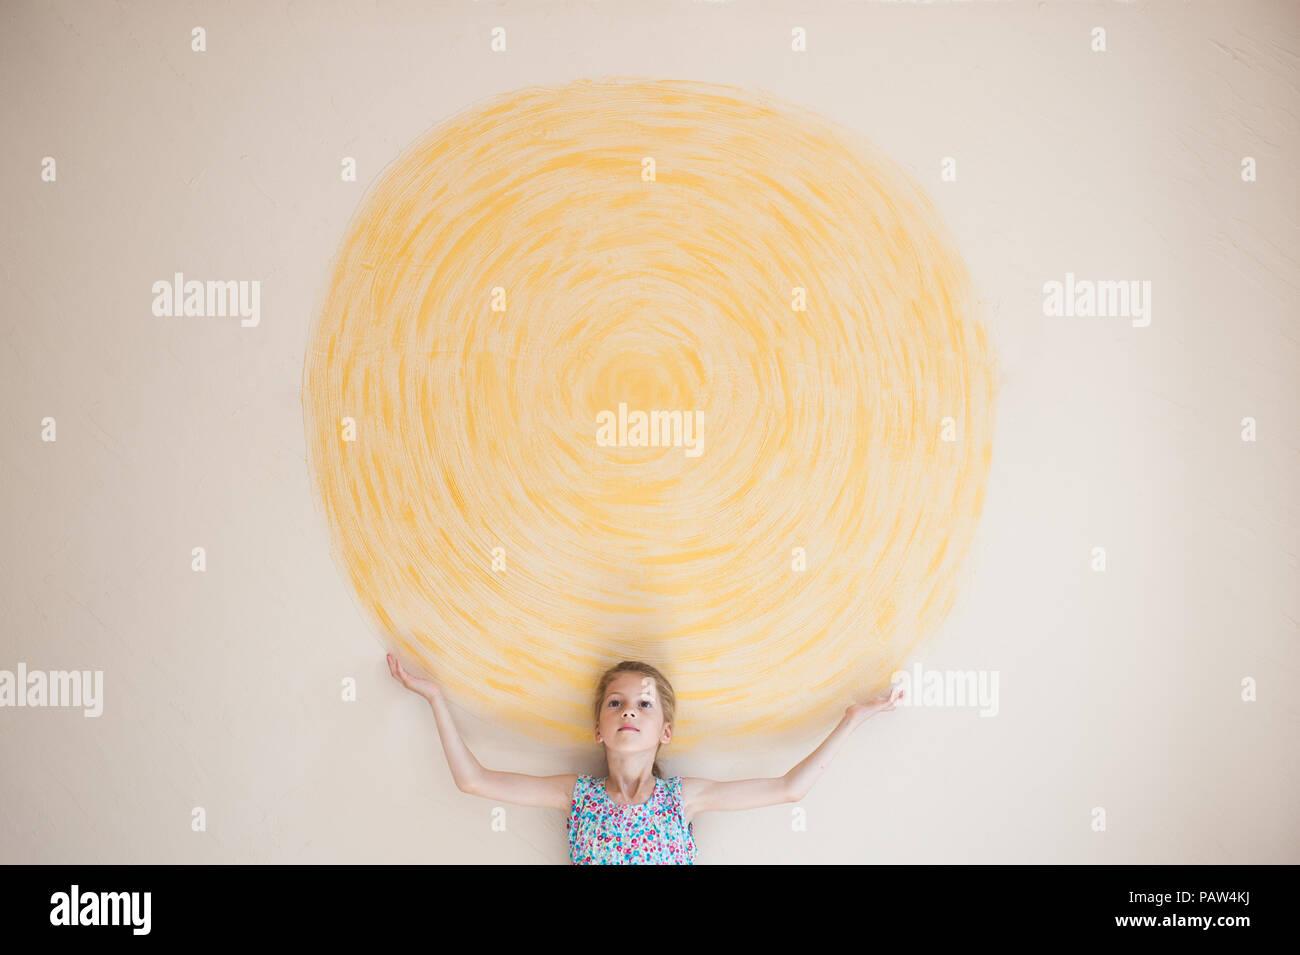 Konzept der schönen kaukasischen Girl holding Sonne auf gelbe Wand innen lackiert Stockbild